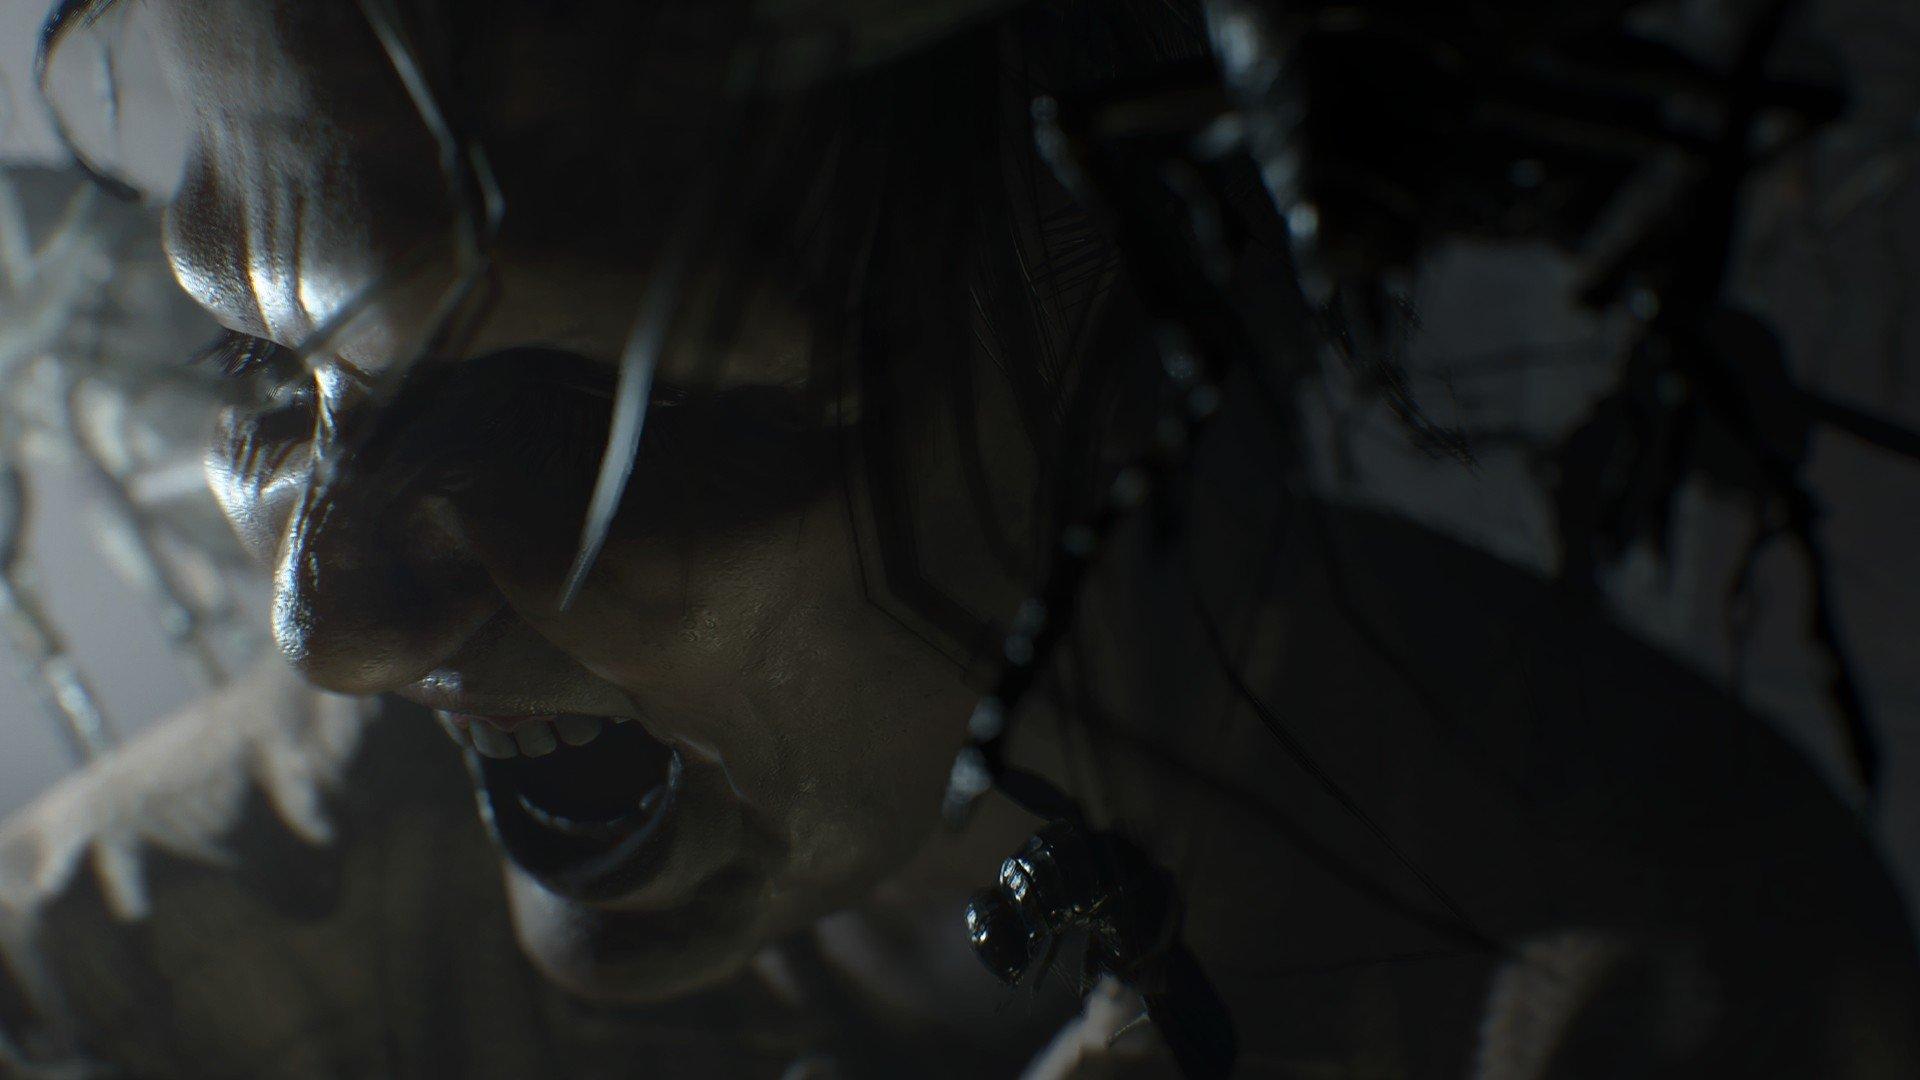 Video Game - Resident Evil 7: Biohazard  Wallpaper